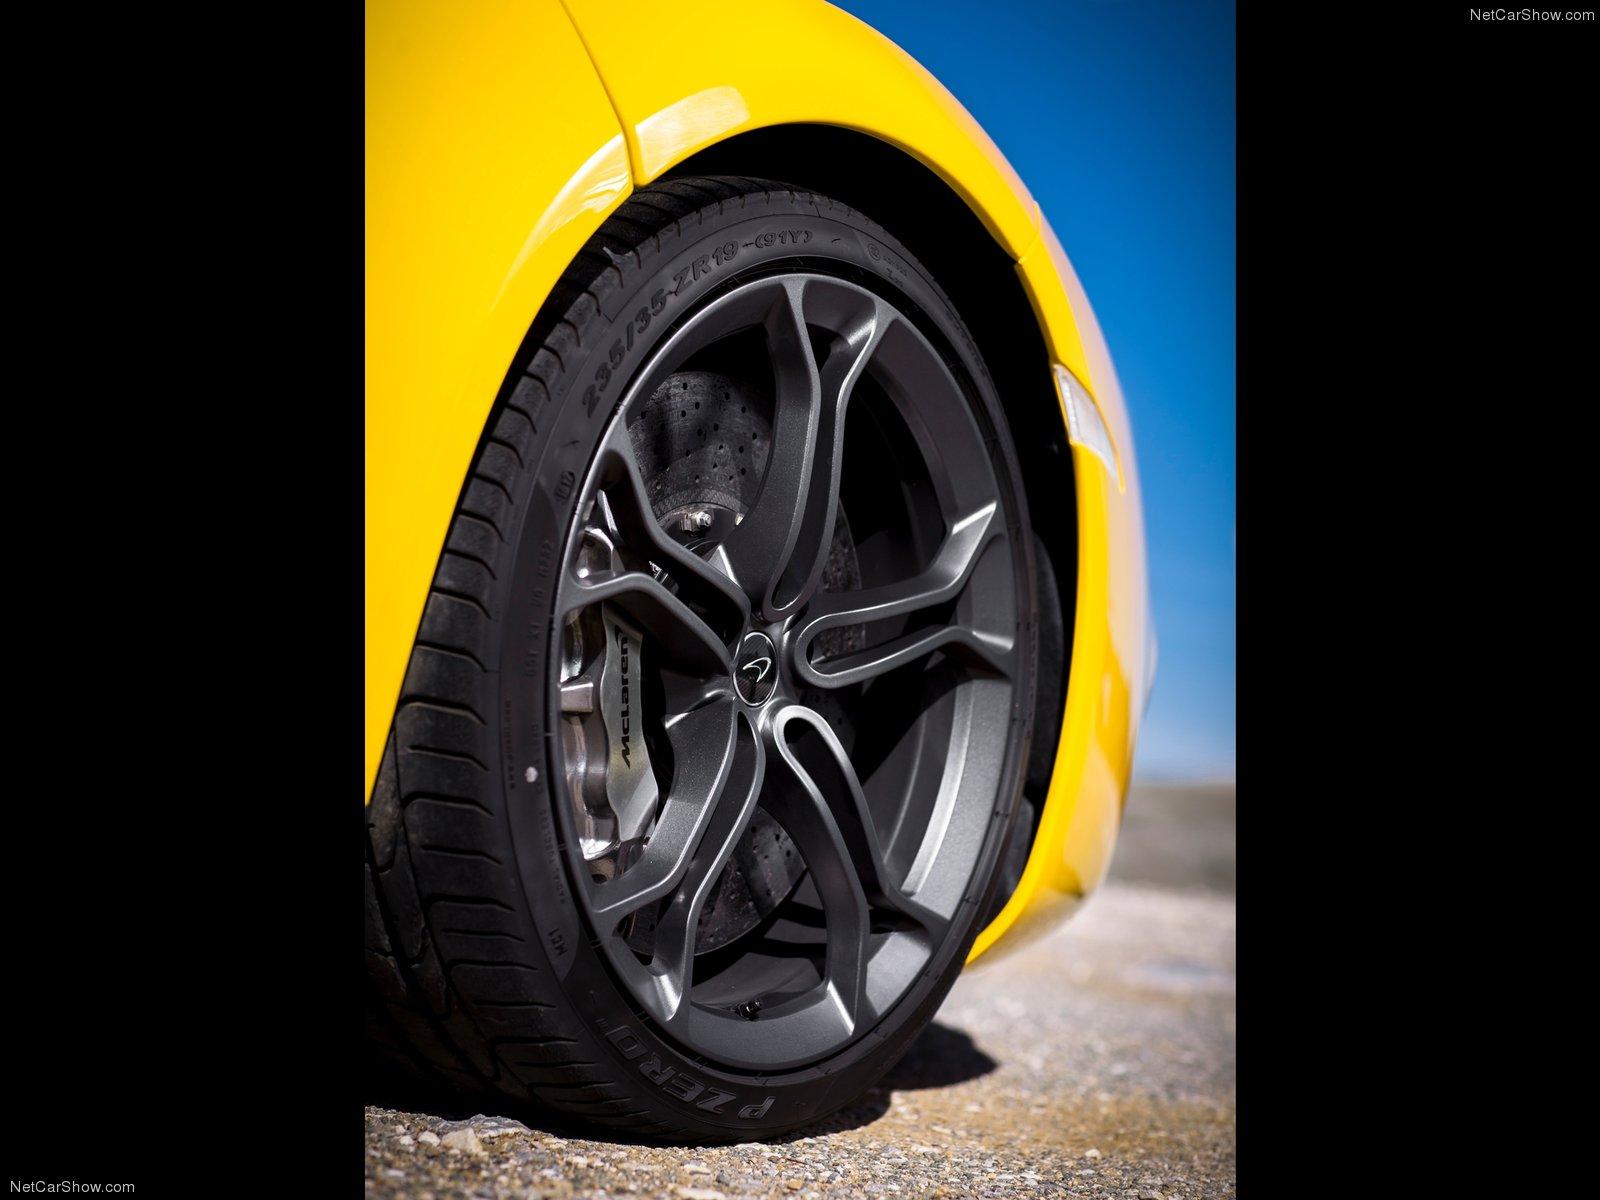 McLaren MP4-12C Spider 2013 McLaren-MP4-12C_Spider-2013-1600-c5